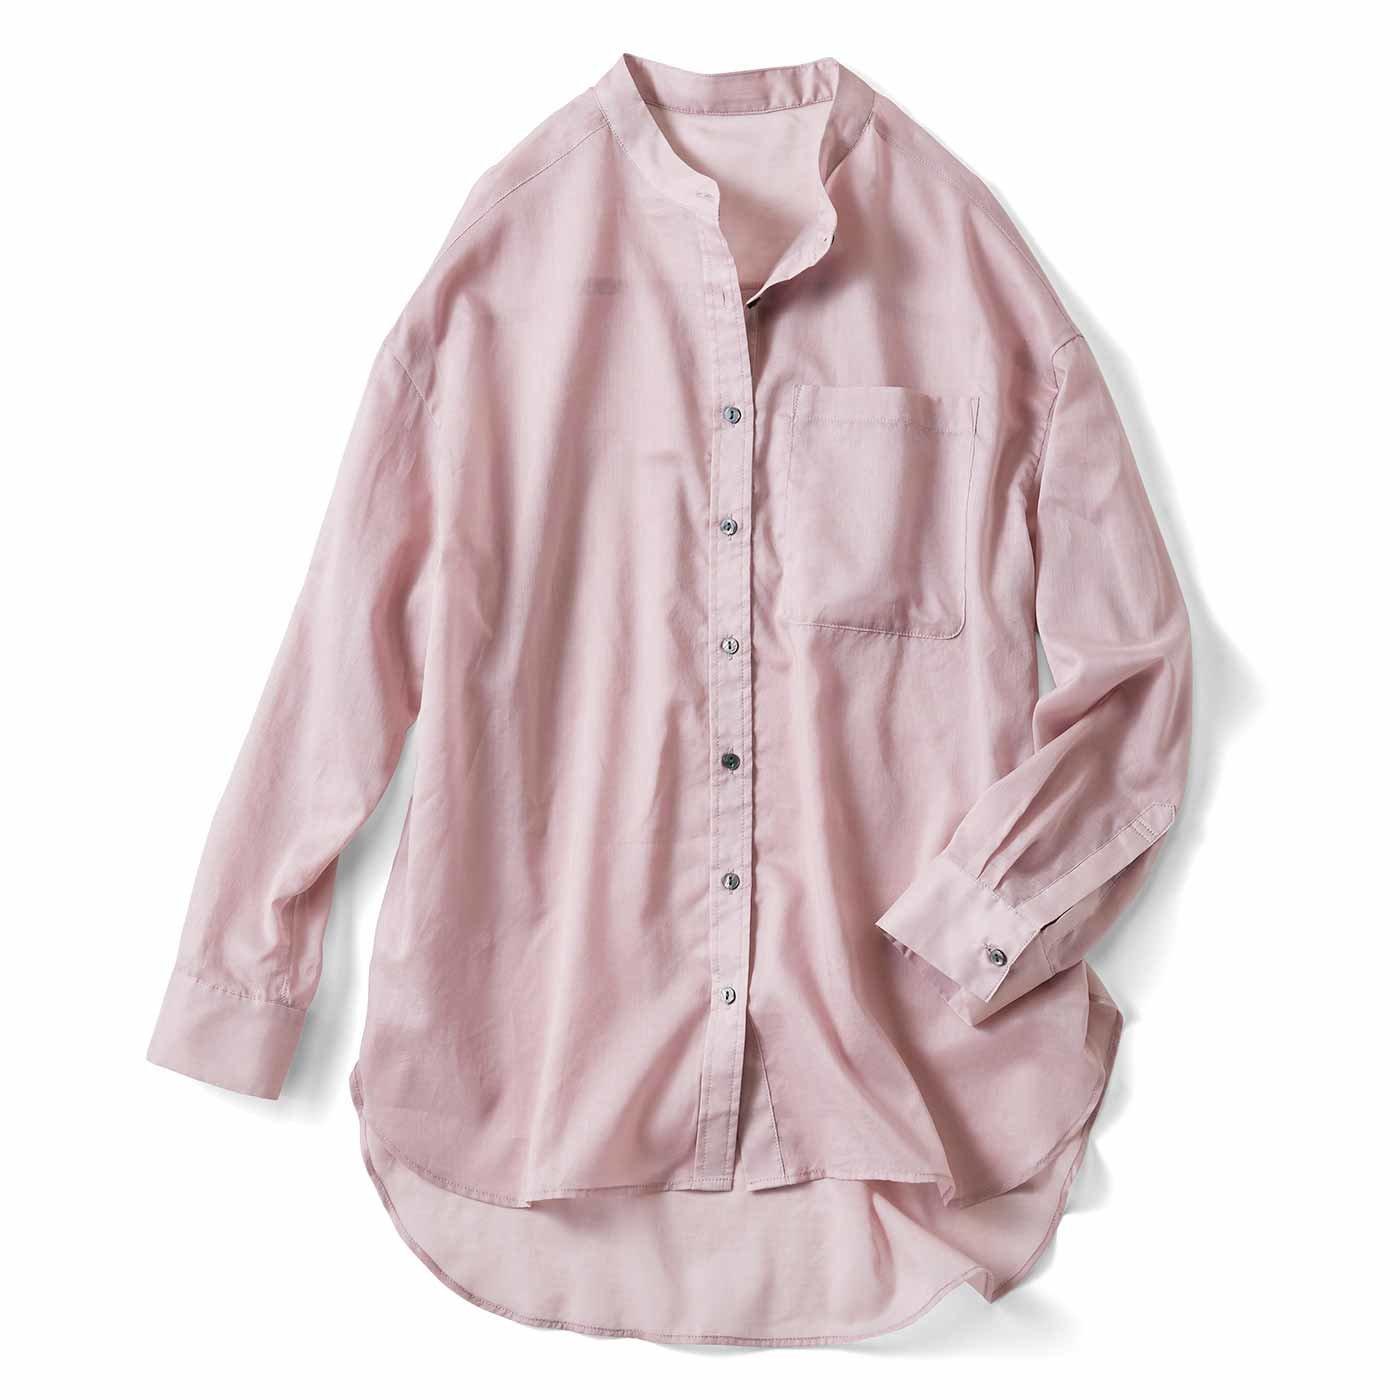 リブ イン コンフォート サラッとはおって大人のおしゃれ 着こなしの幅も広がるコットンシアーシャツ〈ラベンダーピンク〉